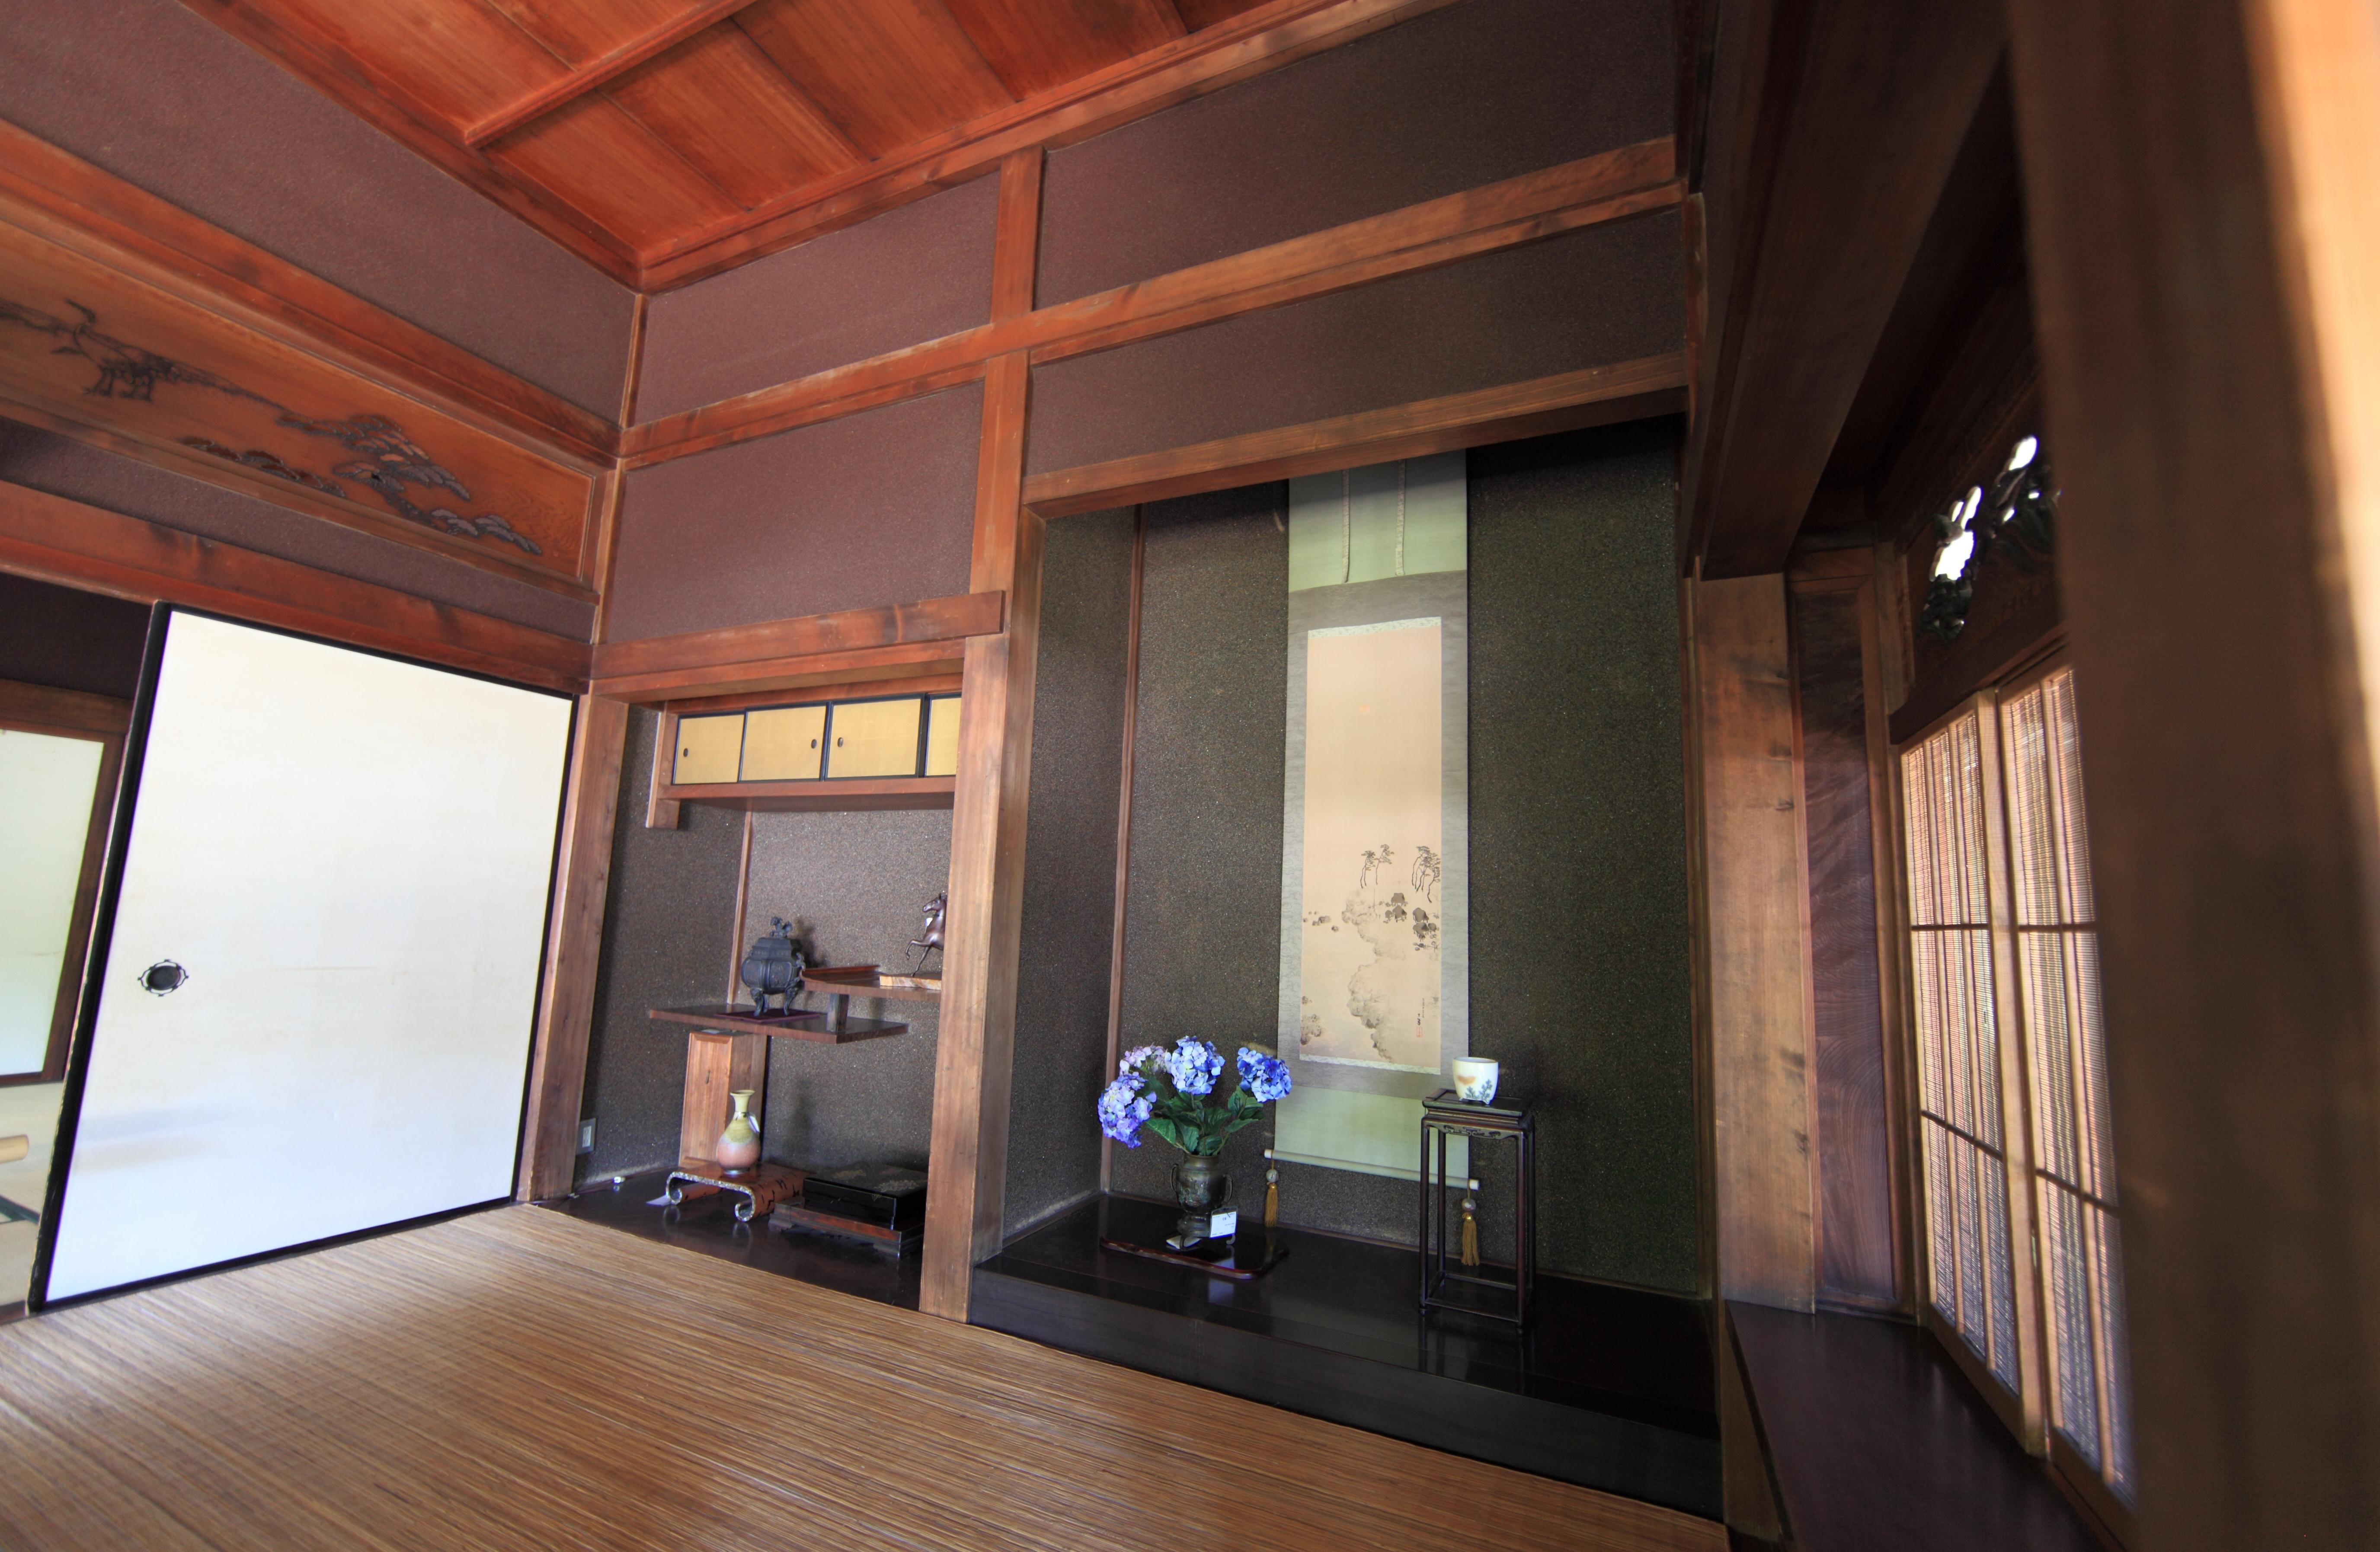 Gratis Afbeeldingen : architectuur, hout, huis, verdieping, huis ...